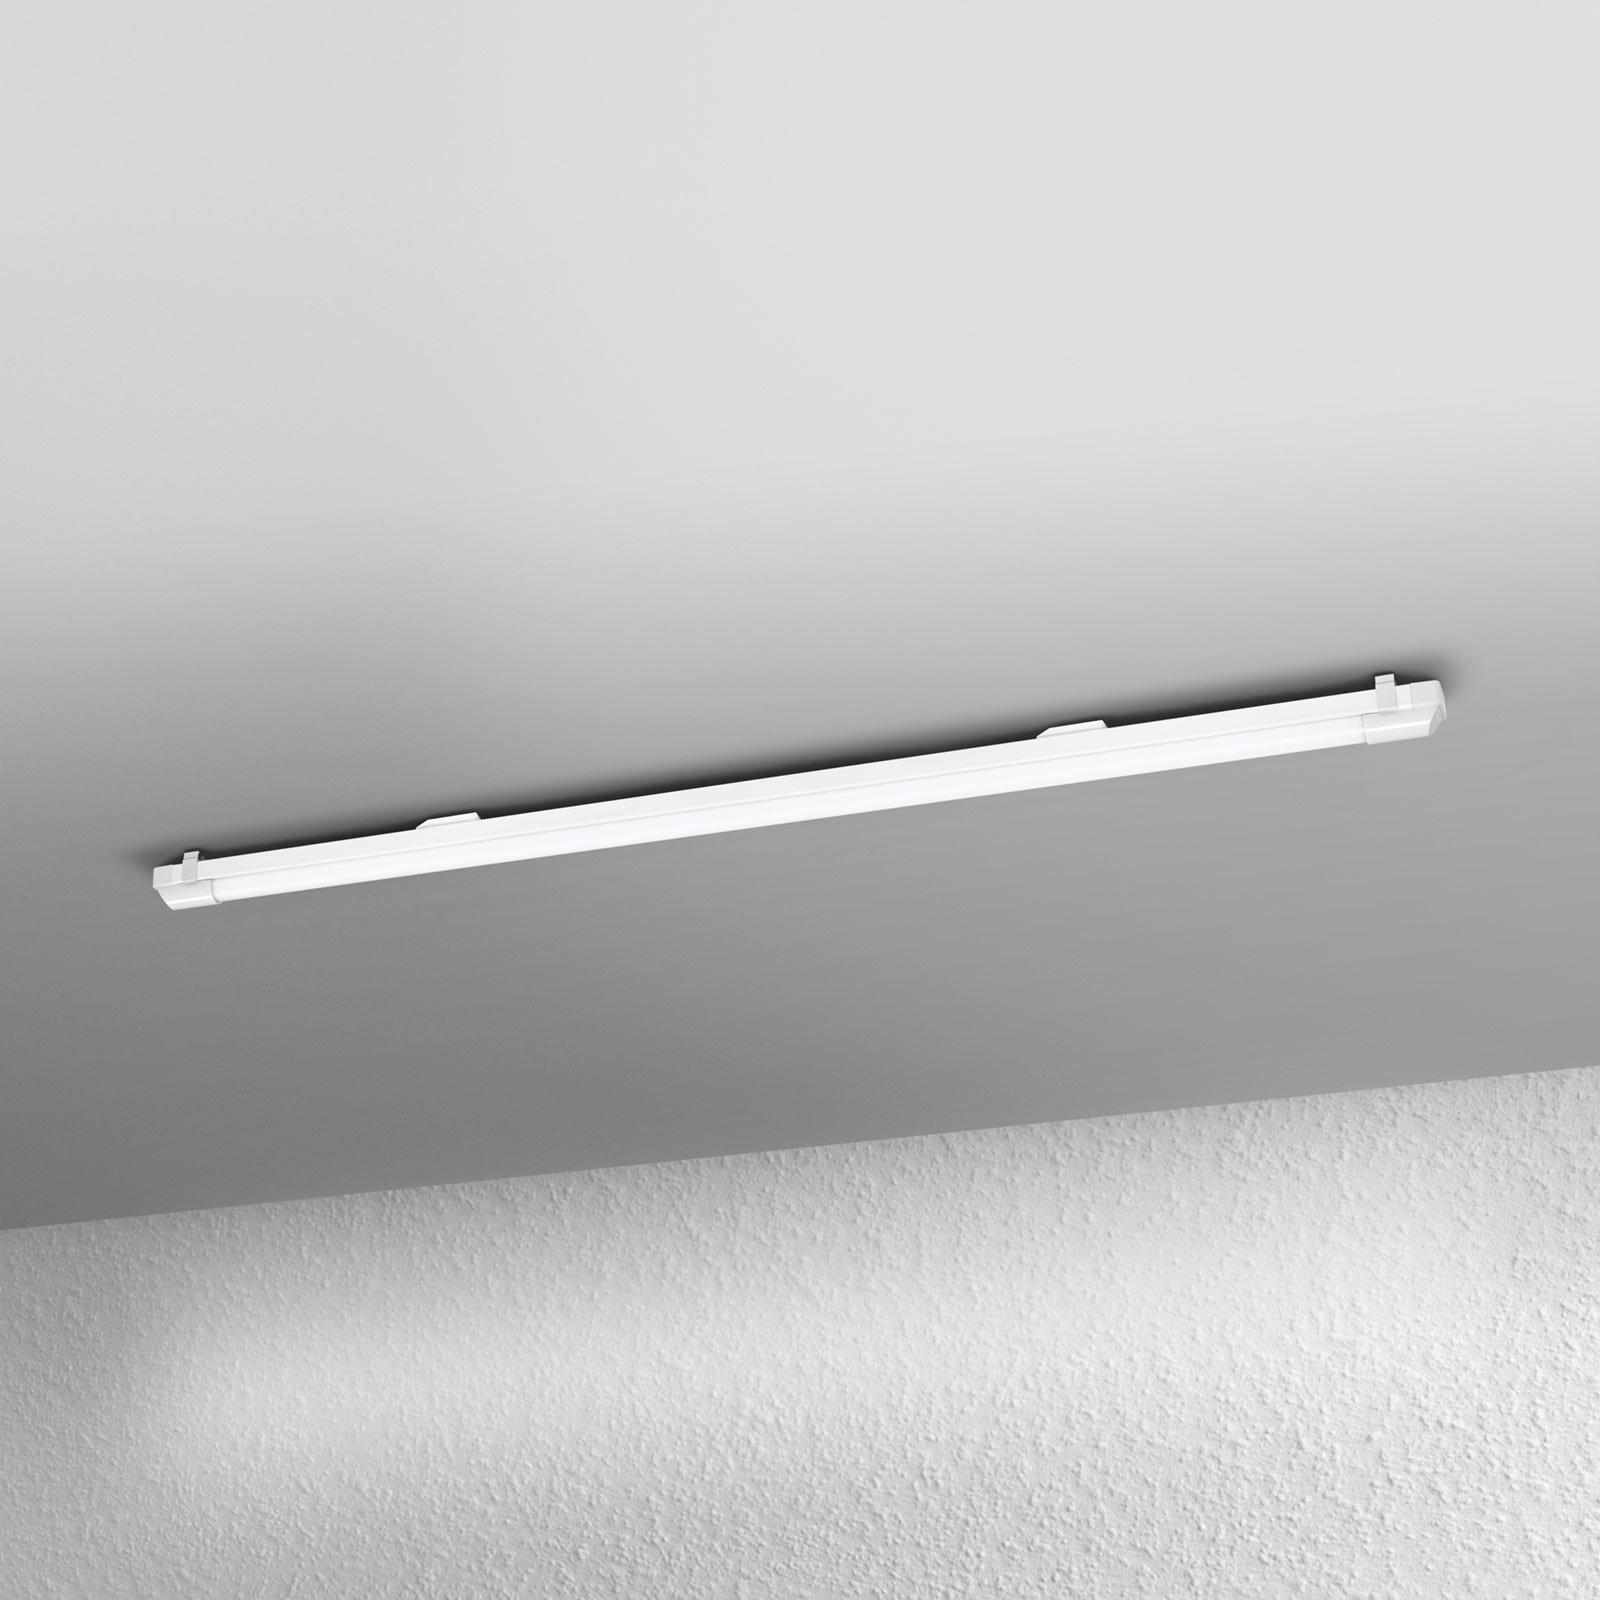 LEDVANCE Power Batten LED-taklampe 120cm 3 000 K